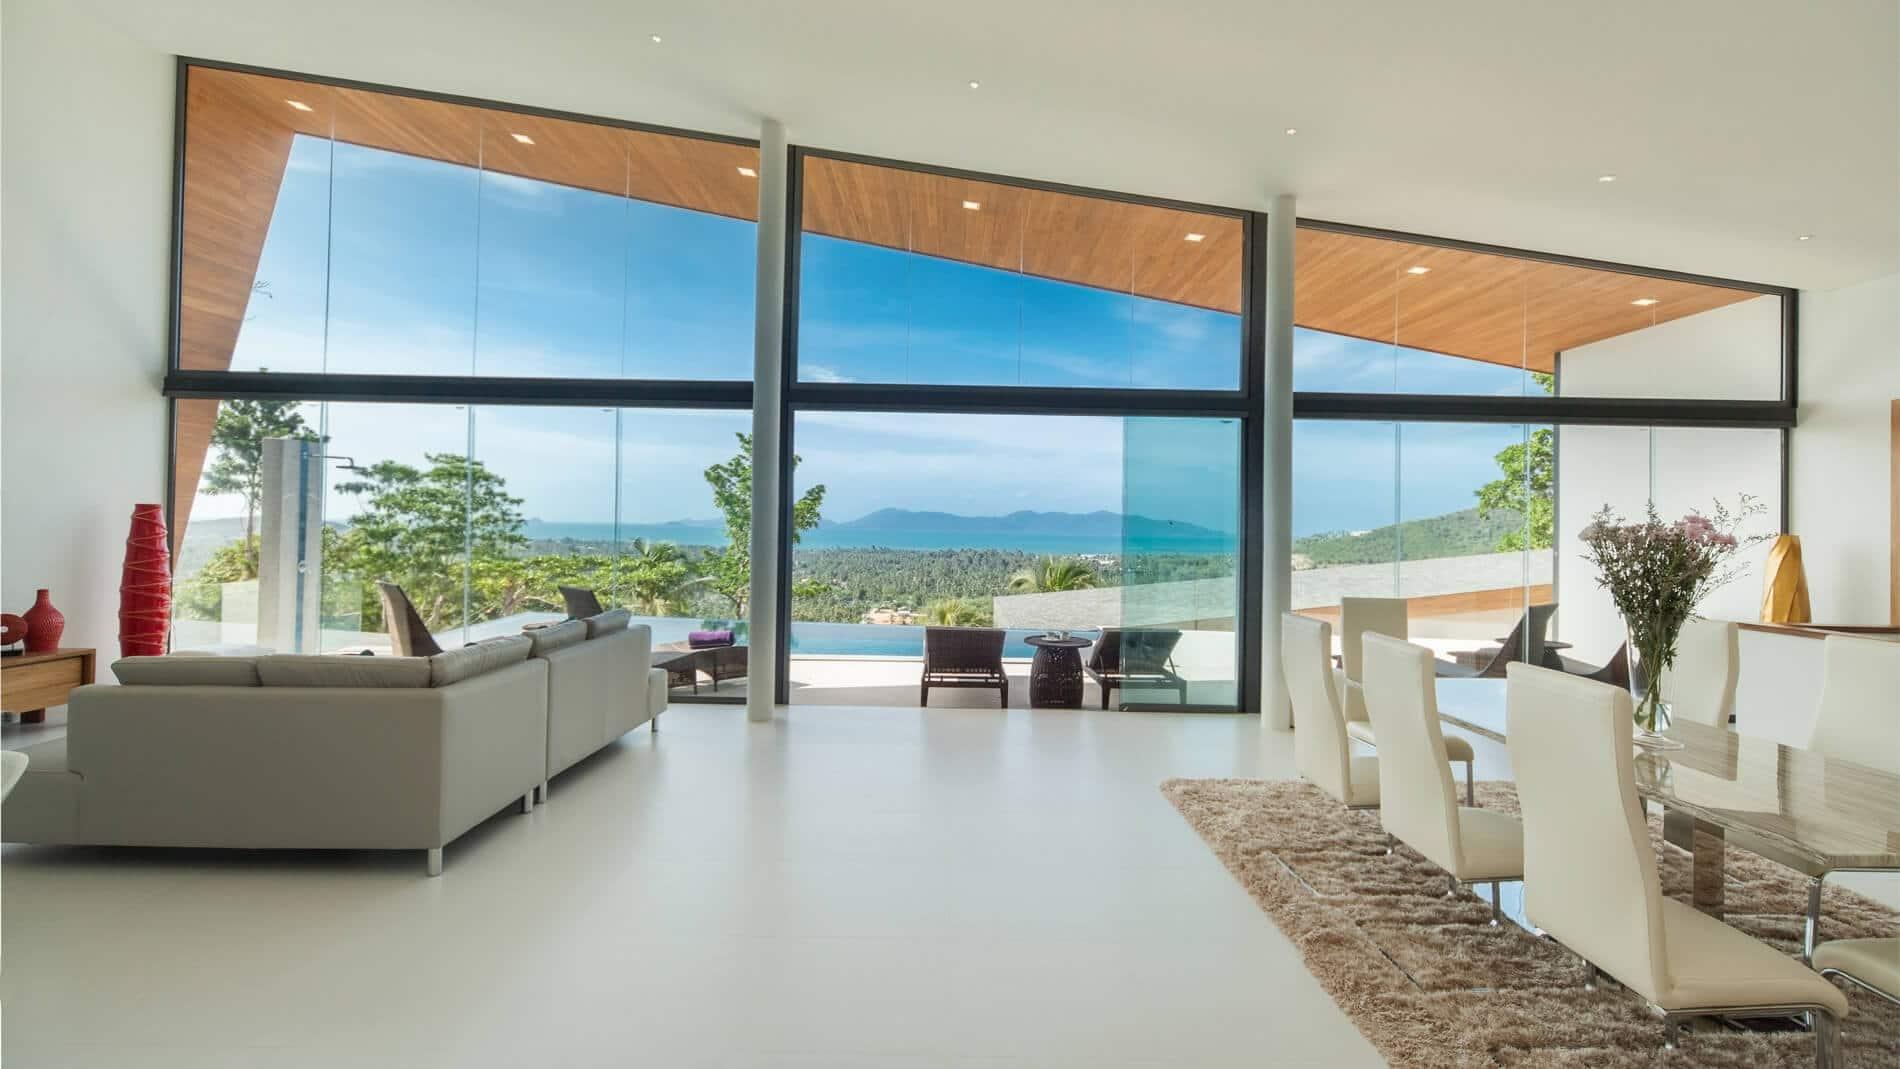 Glas-Schiebewand Referenzen Sunflex